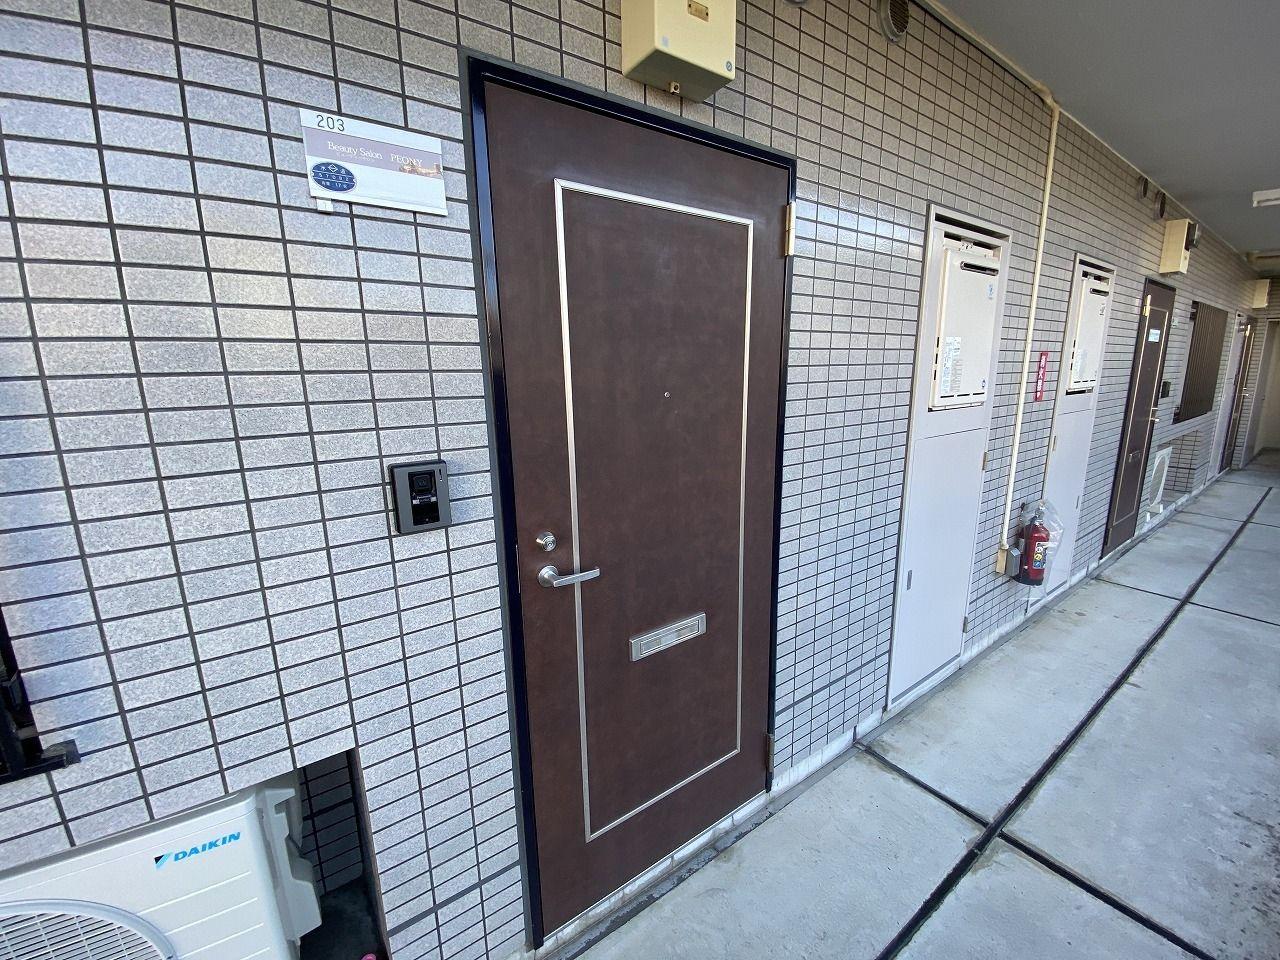 (この記事のブログ№8756)ピオニーさんはエントランス以外にも駐車場方向からも入店できます。